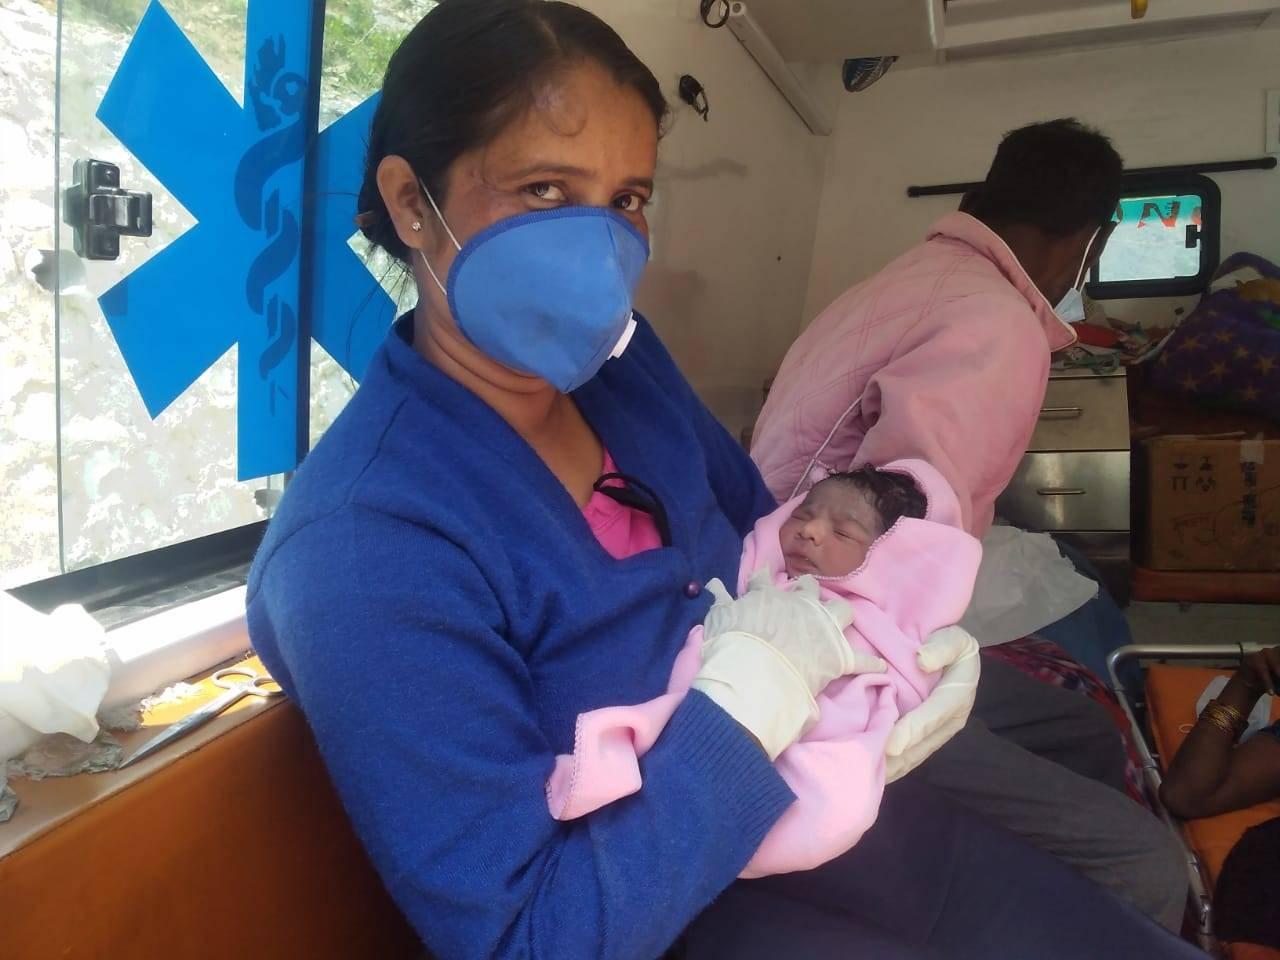 108 वाहन में नवजात का जन्म, प्रसव के बाद जच्चा बच्चा सुरक्षित